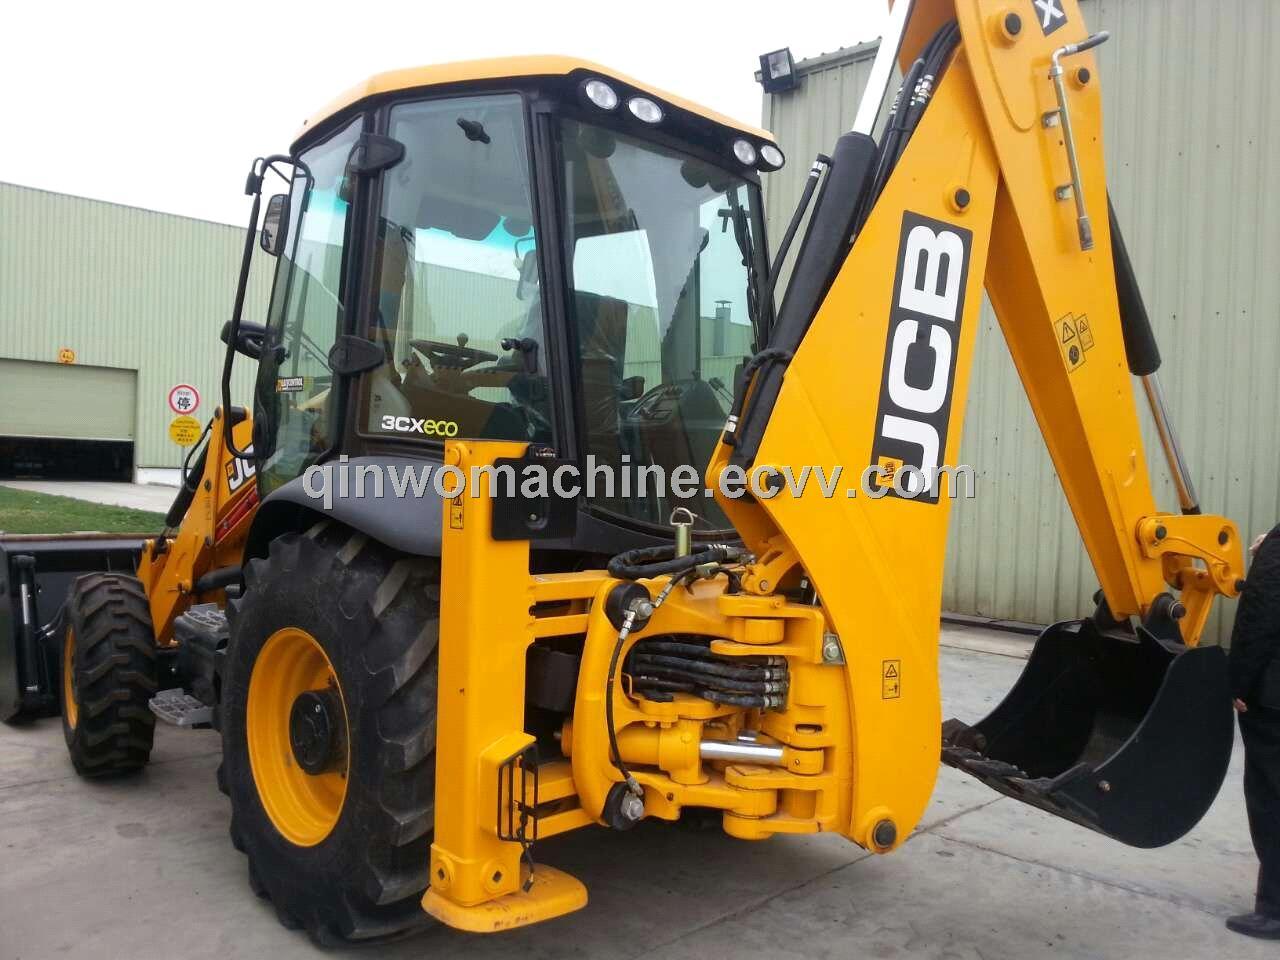 b j machine